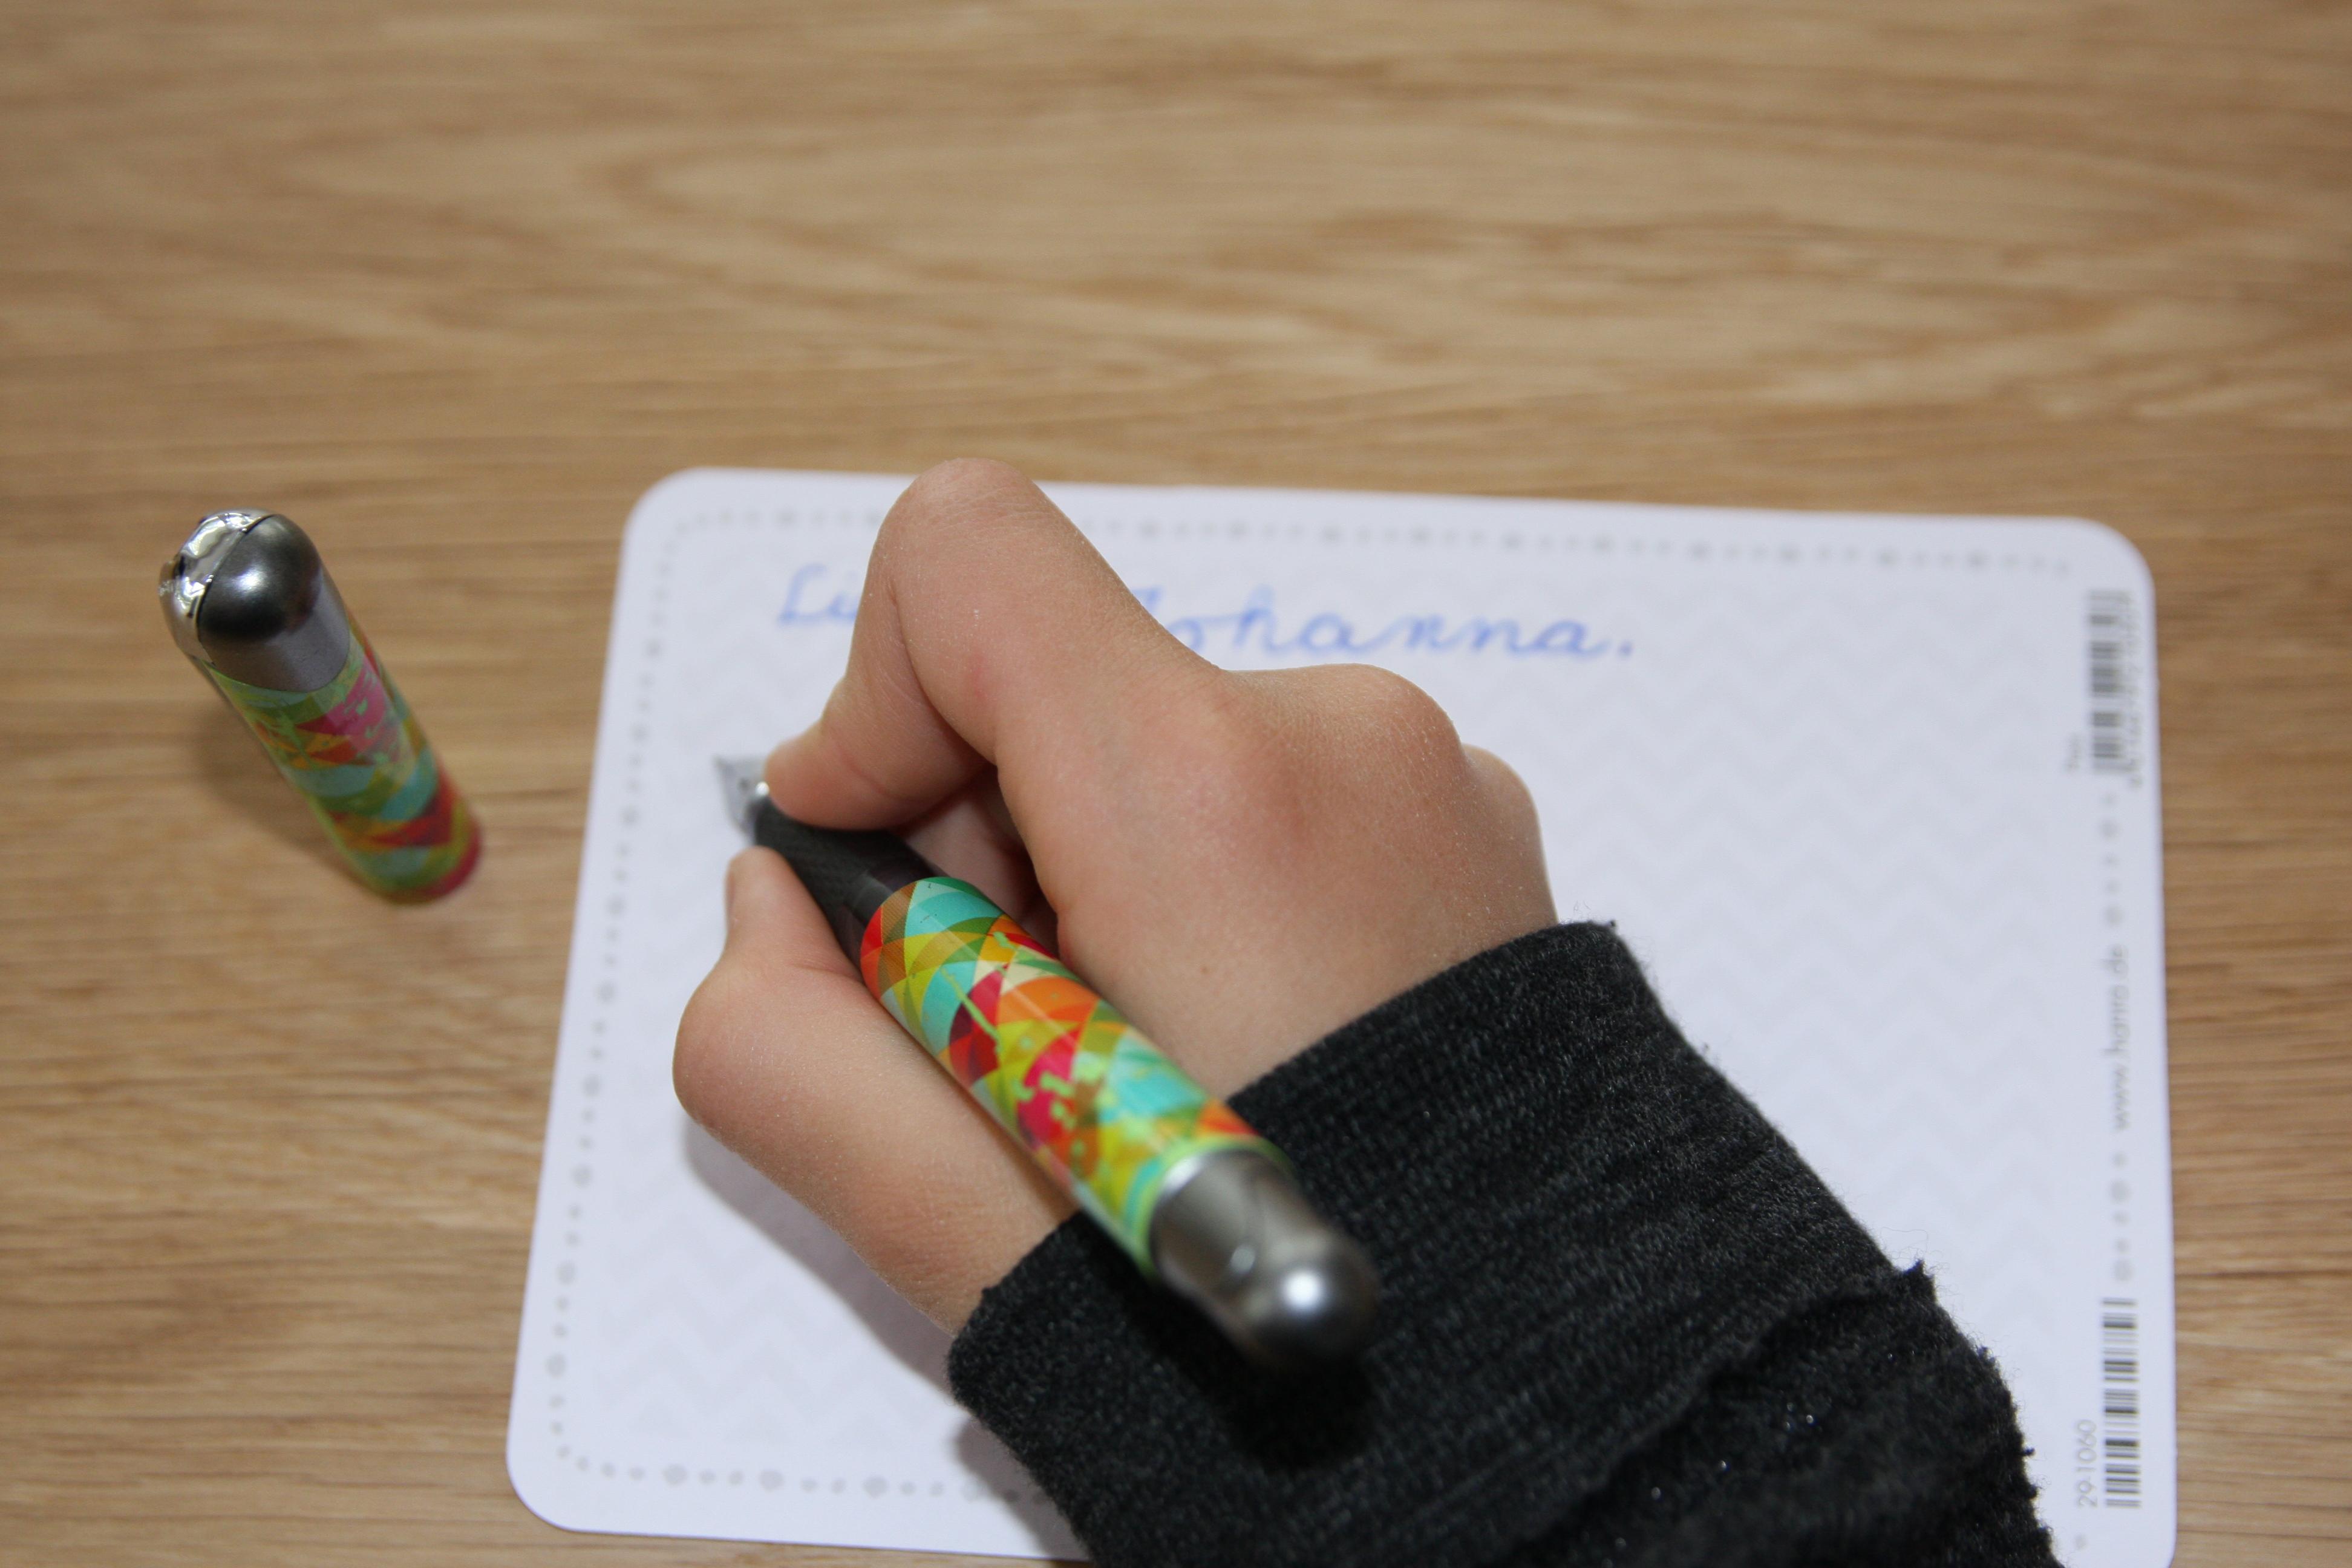 Grußkarten, Glückwunschkarten, Postkarten schreiben